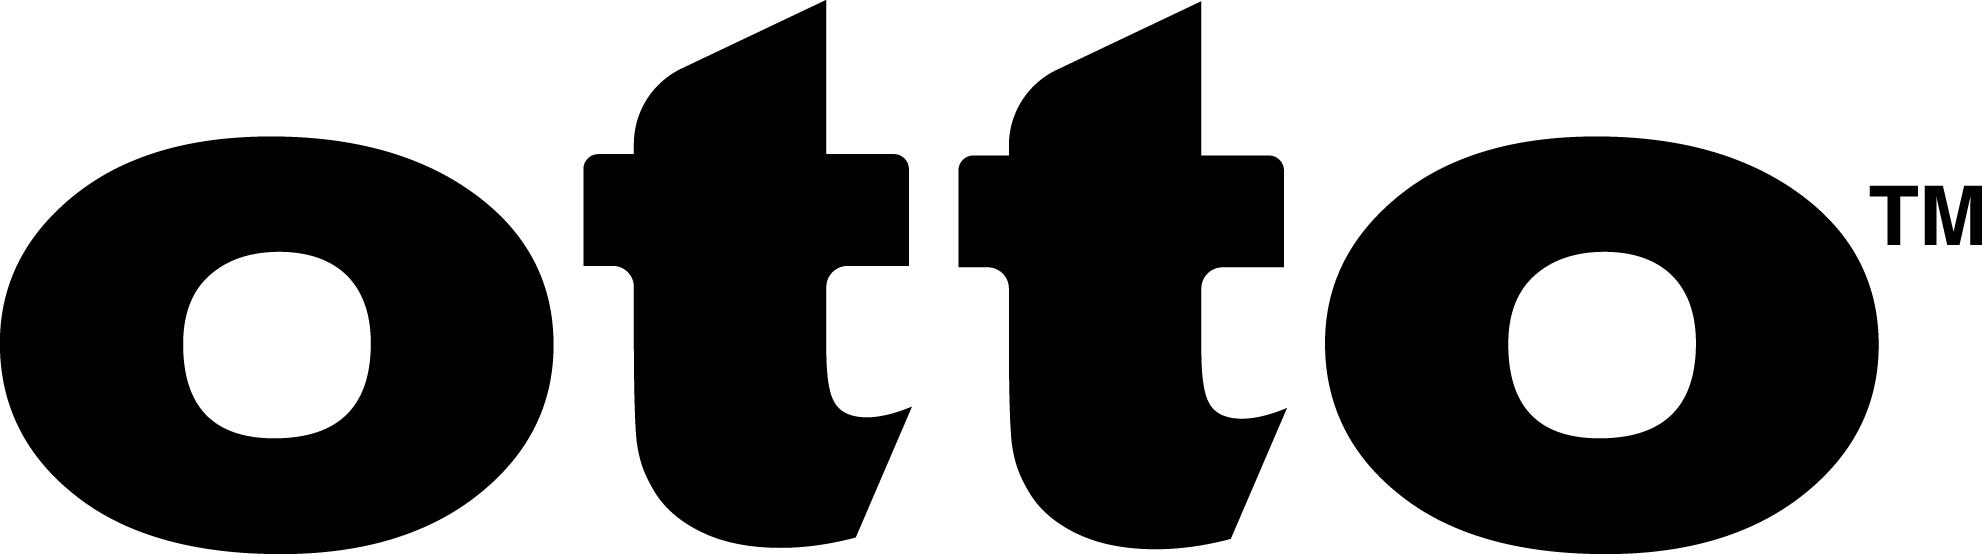 HBC-otto-logo-black-tm